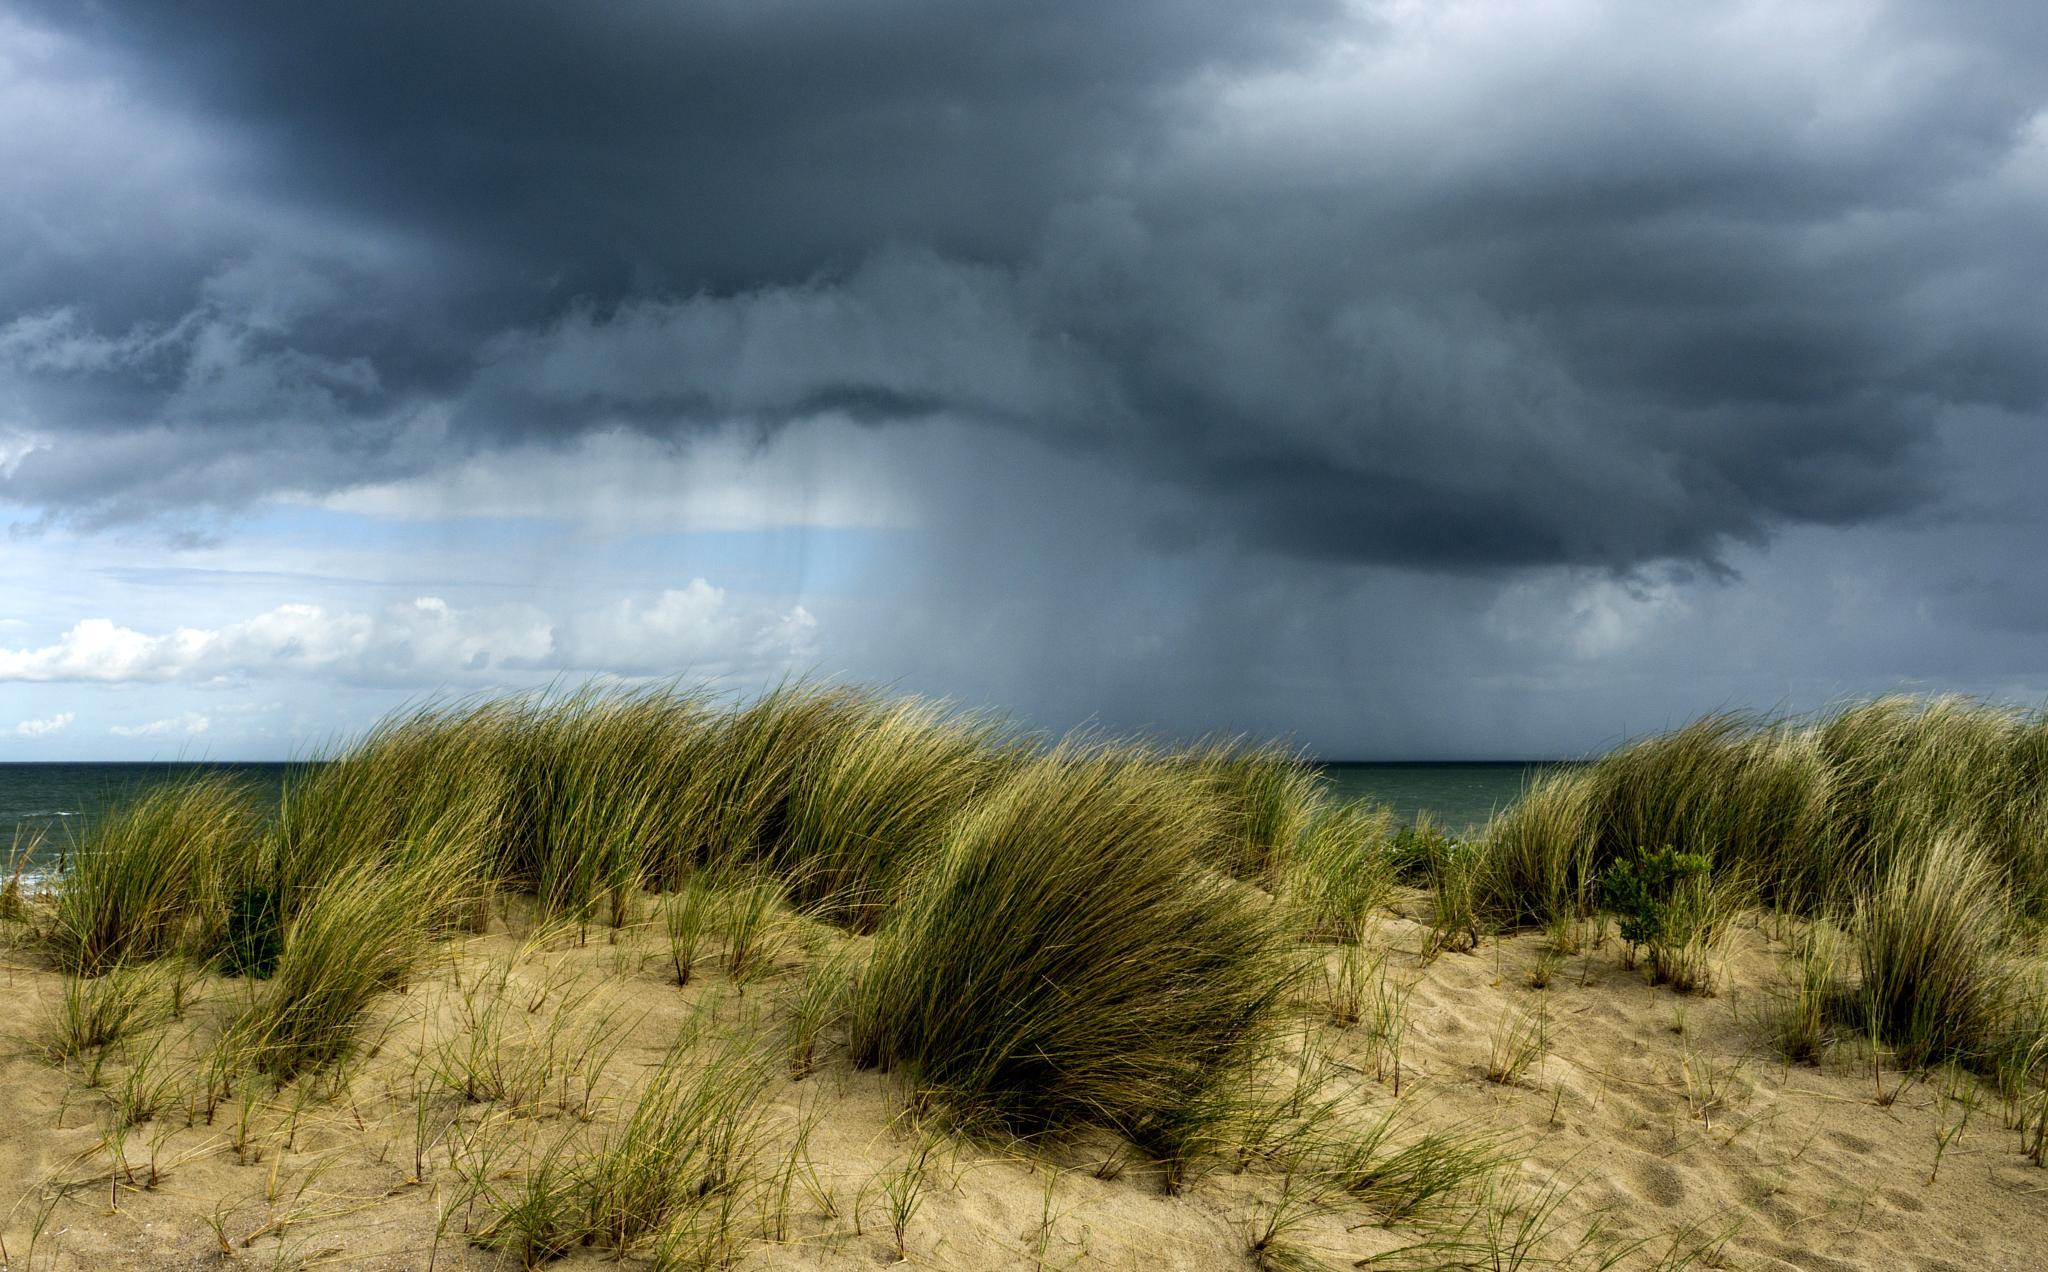 Stormy Weather by Rob van der Griend